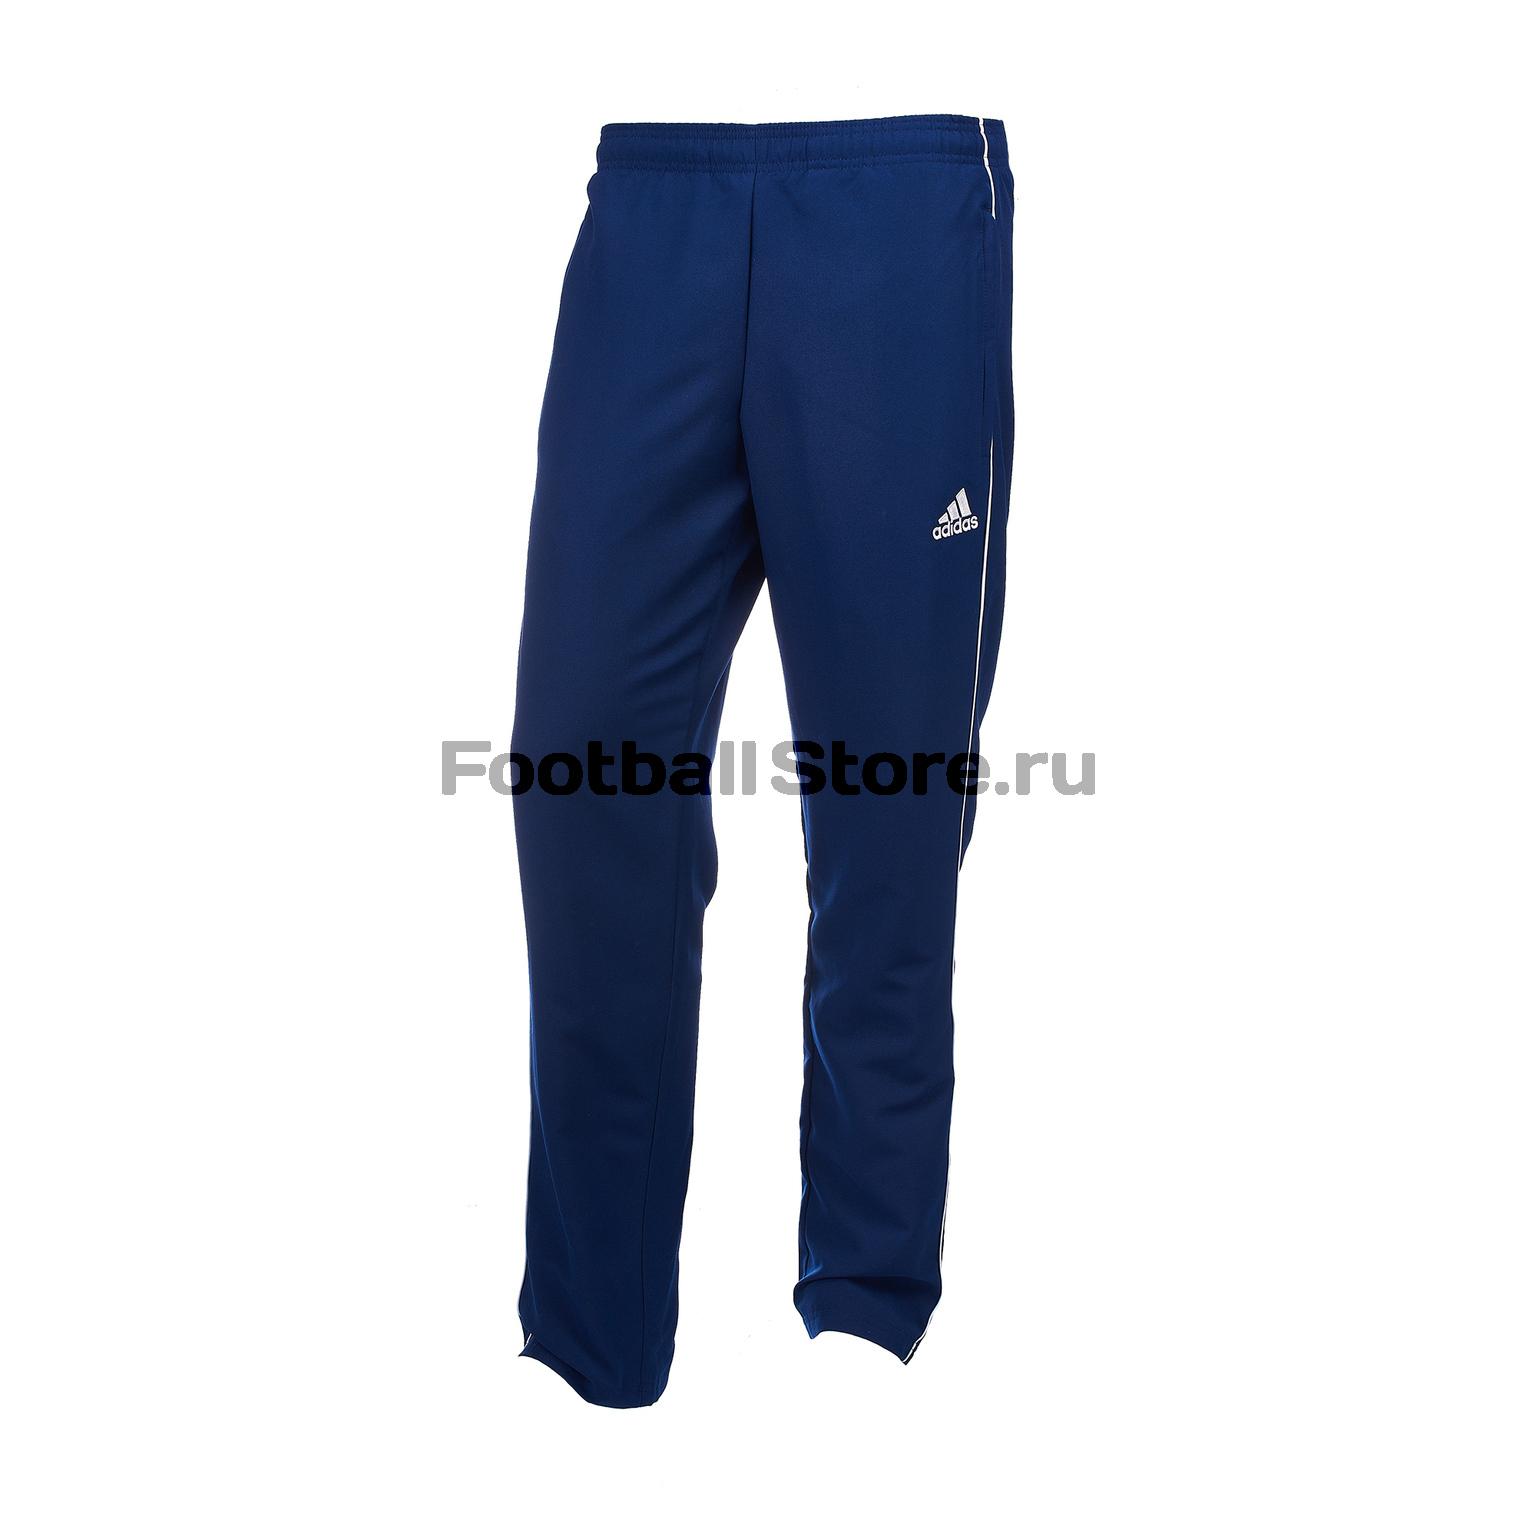 Брюки тренировочные Adidas Core18 Pre Pnt CV3690 брюки adidas con16 trg pnt ab3131